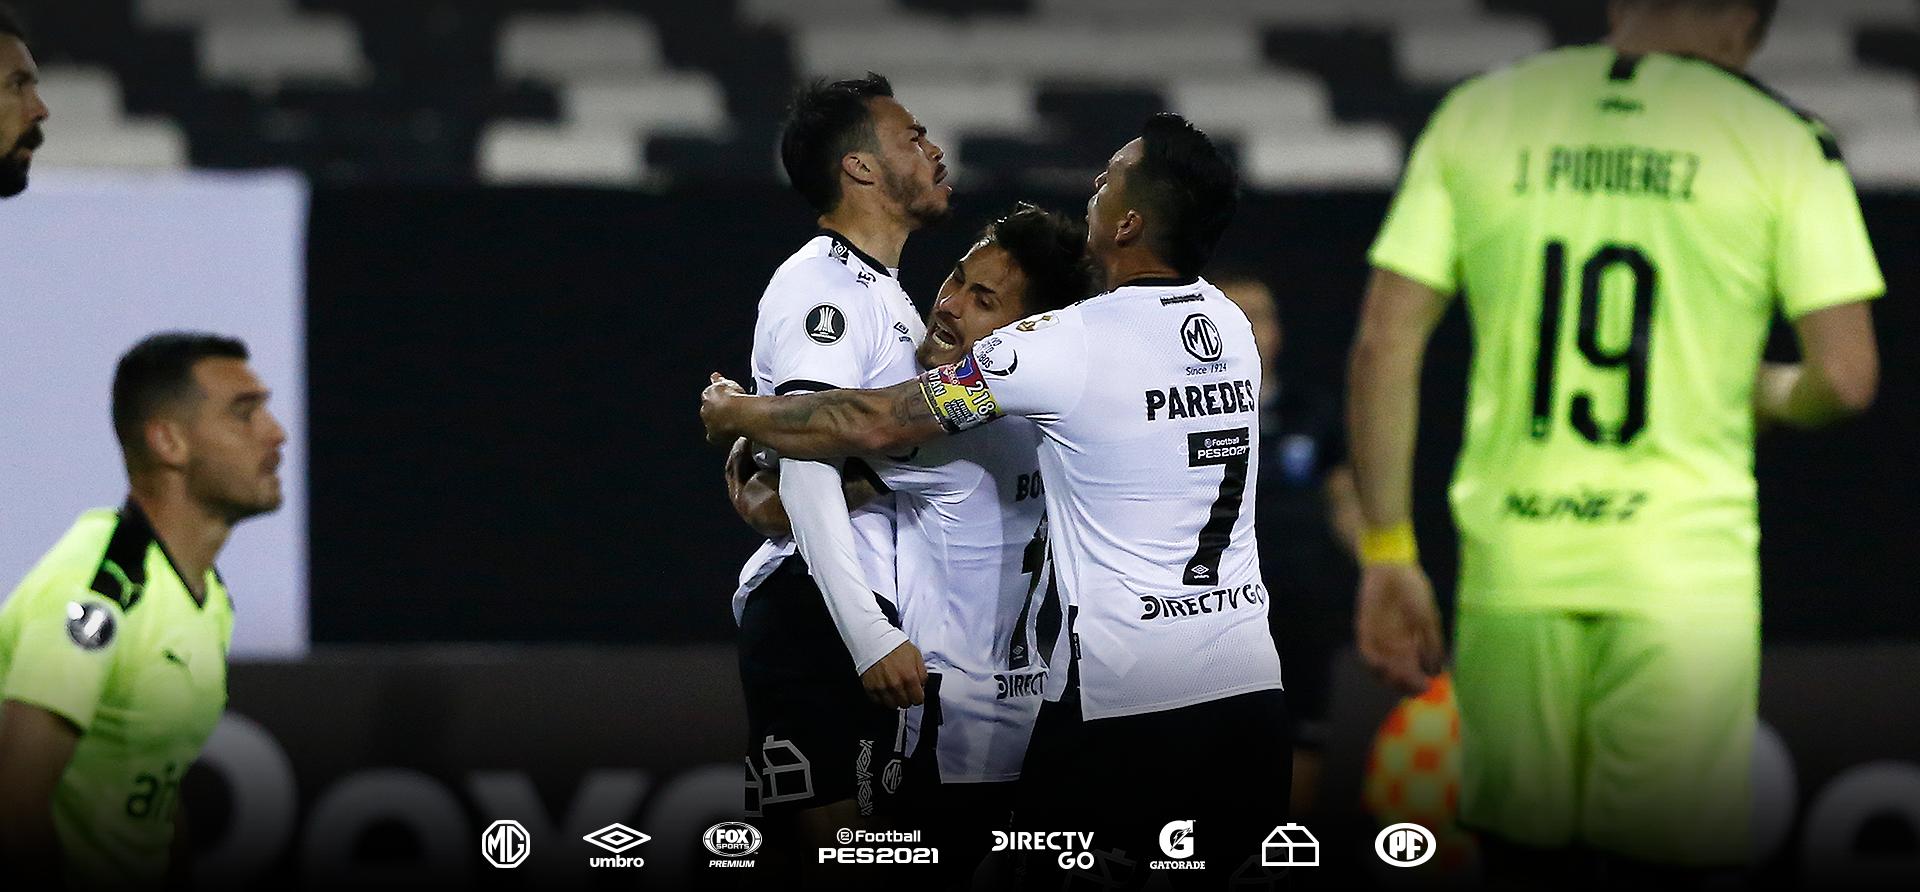 El regreso al triunfo: ¡Colo-Colo le ganó a Peñarol!